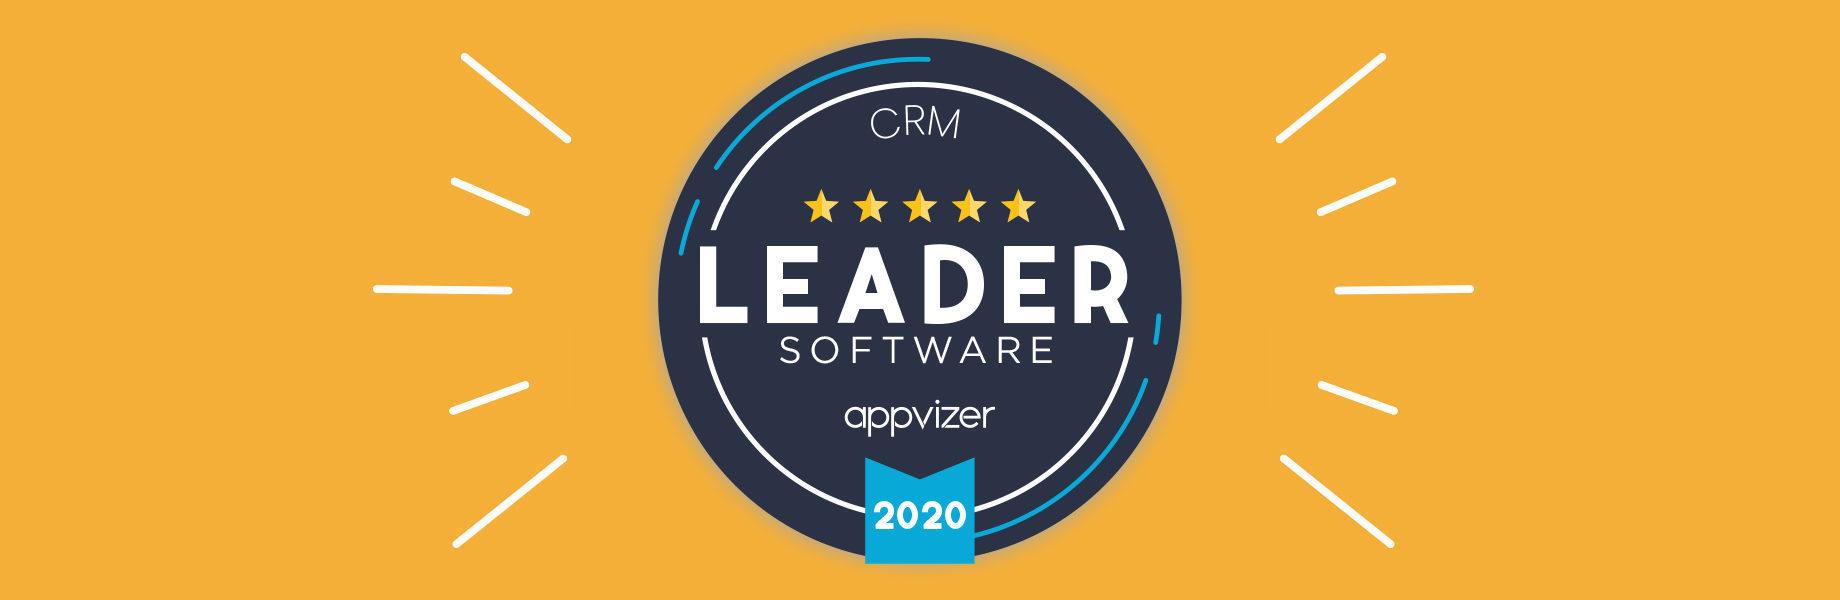 Warum wird ein appvizer Leader Badge einem Softwareprogramm vergeben?